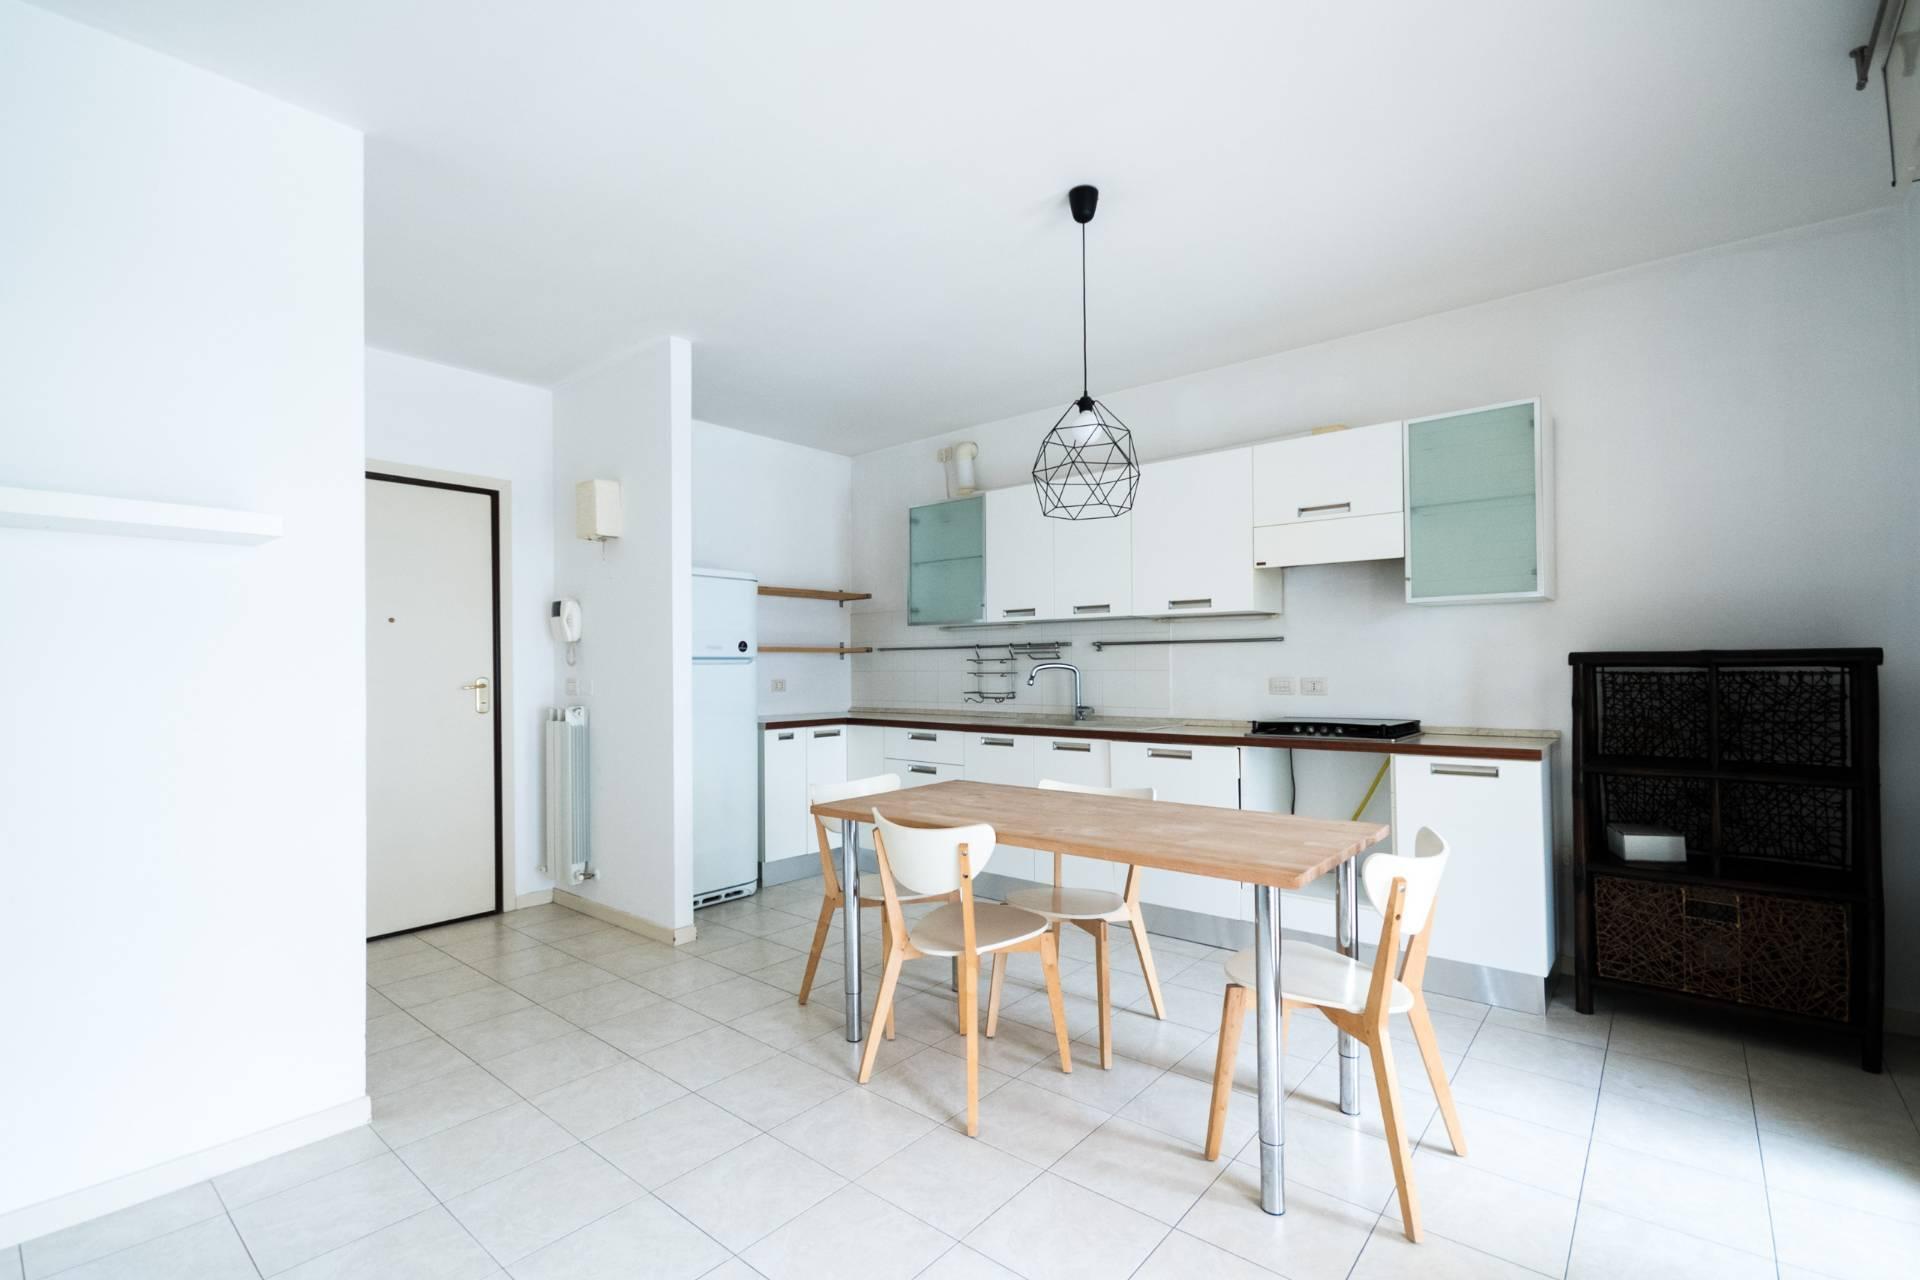 Appartamento in vendita a Pesaro, 3 locali, zona Località: CattabrigheCelletta, prezzo € 195.000   CambioCasa.it